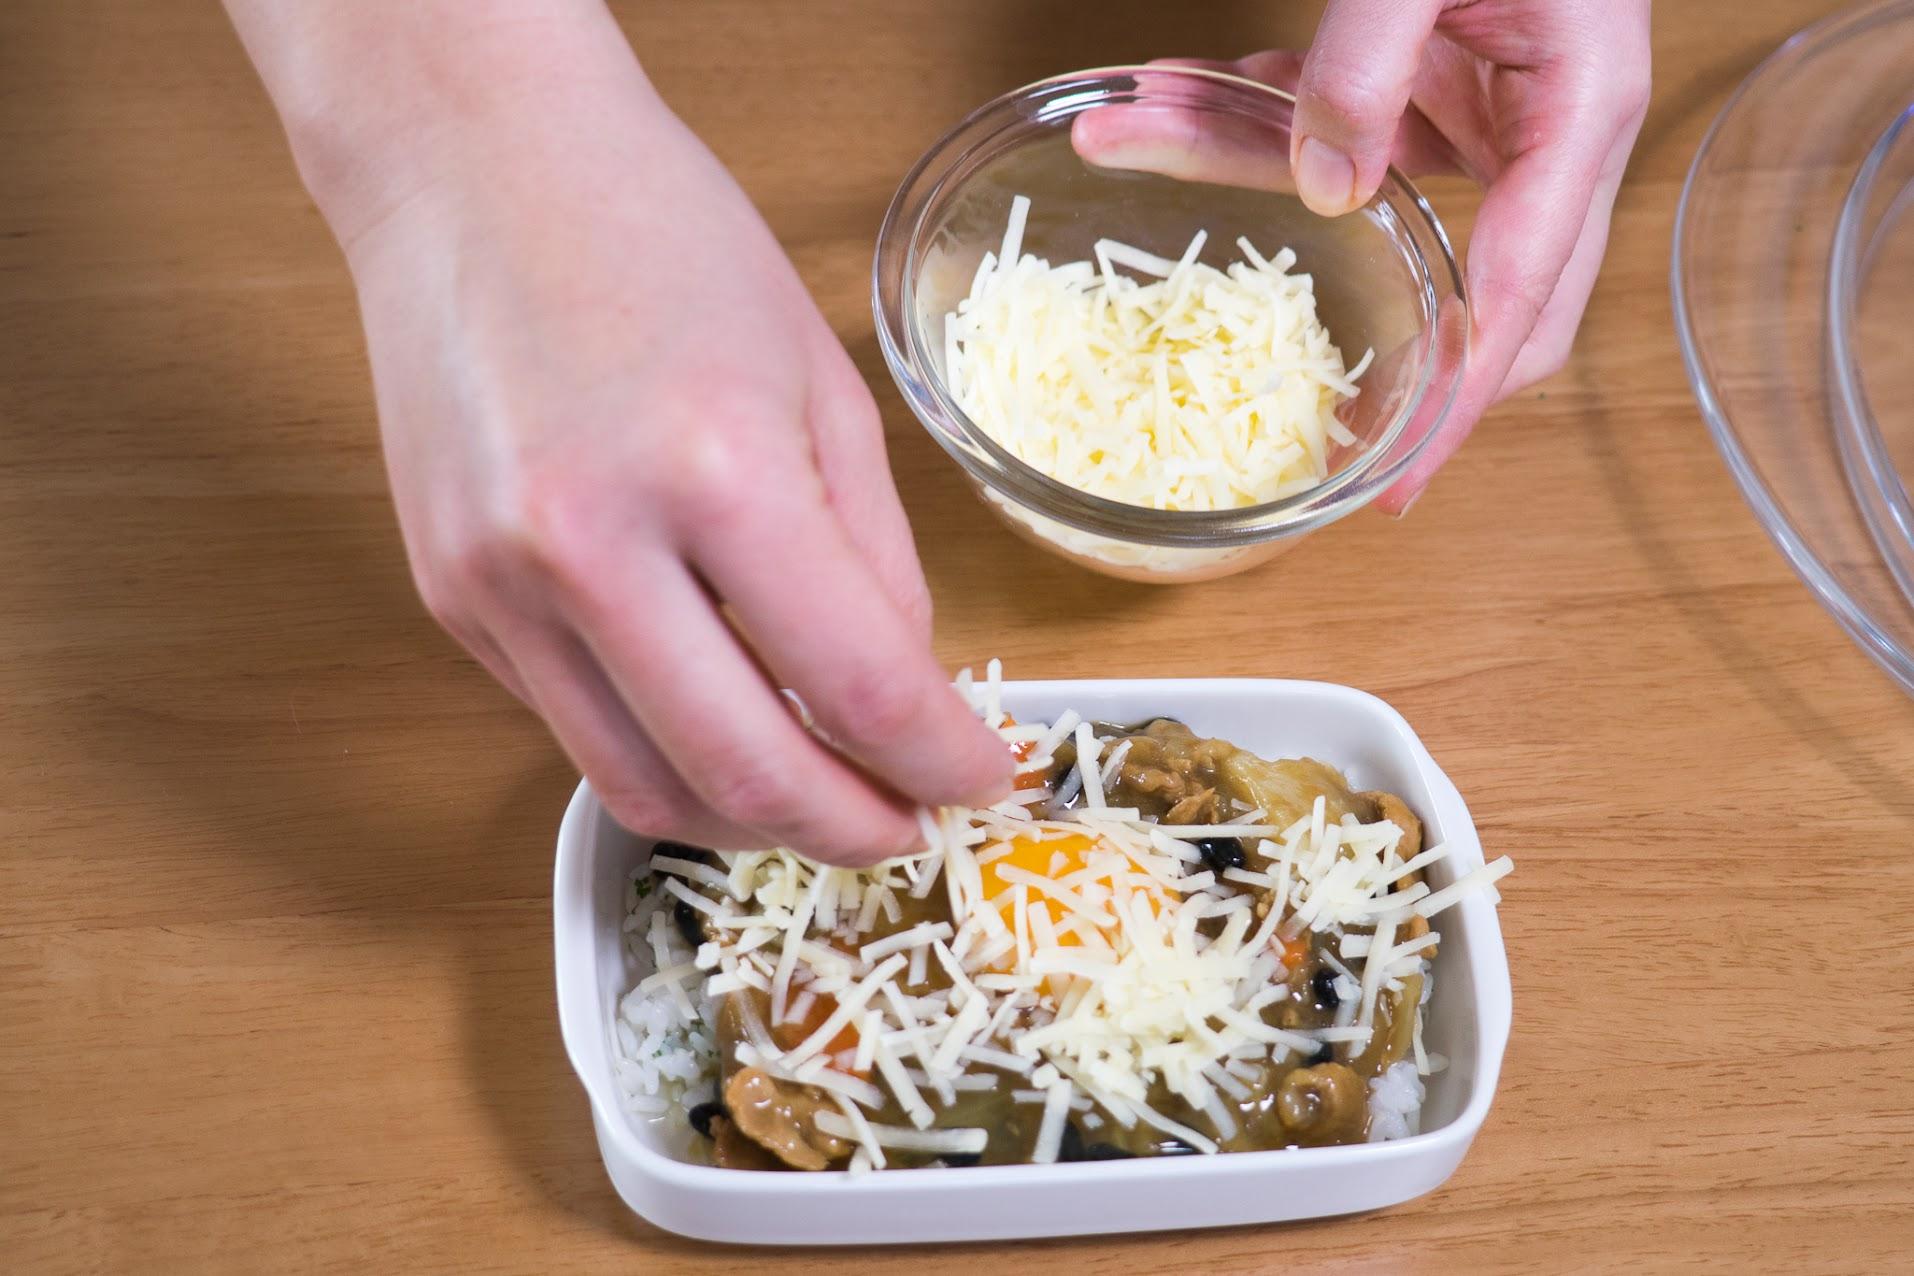 黒千石大豆入り焼きチーズカレーレシピ:チーズをかけて、オーブントースターで